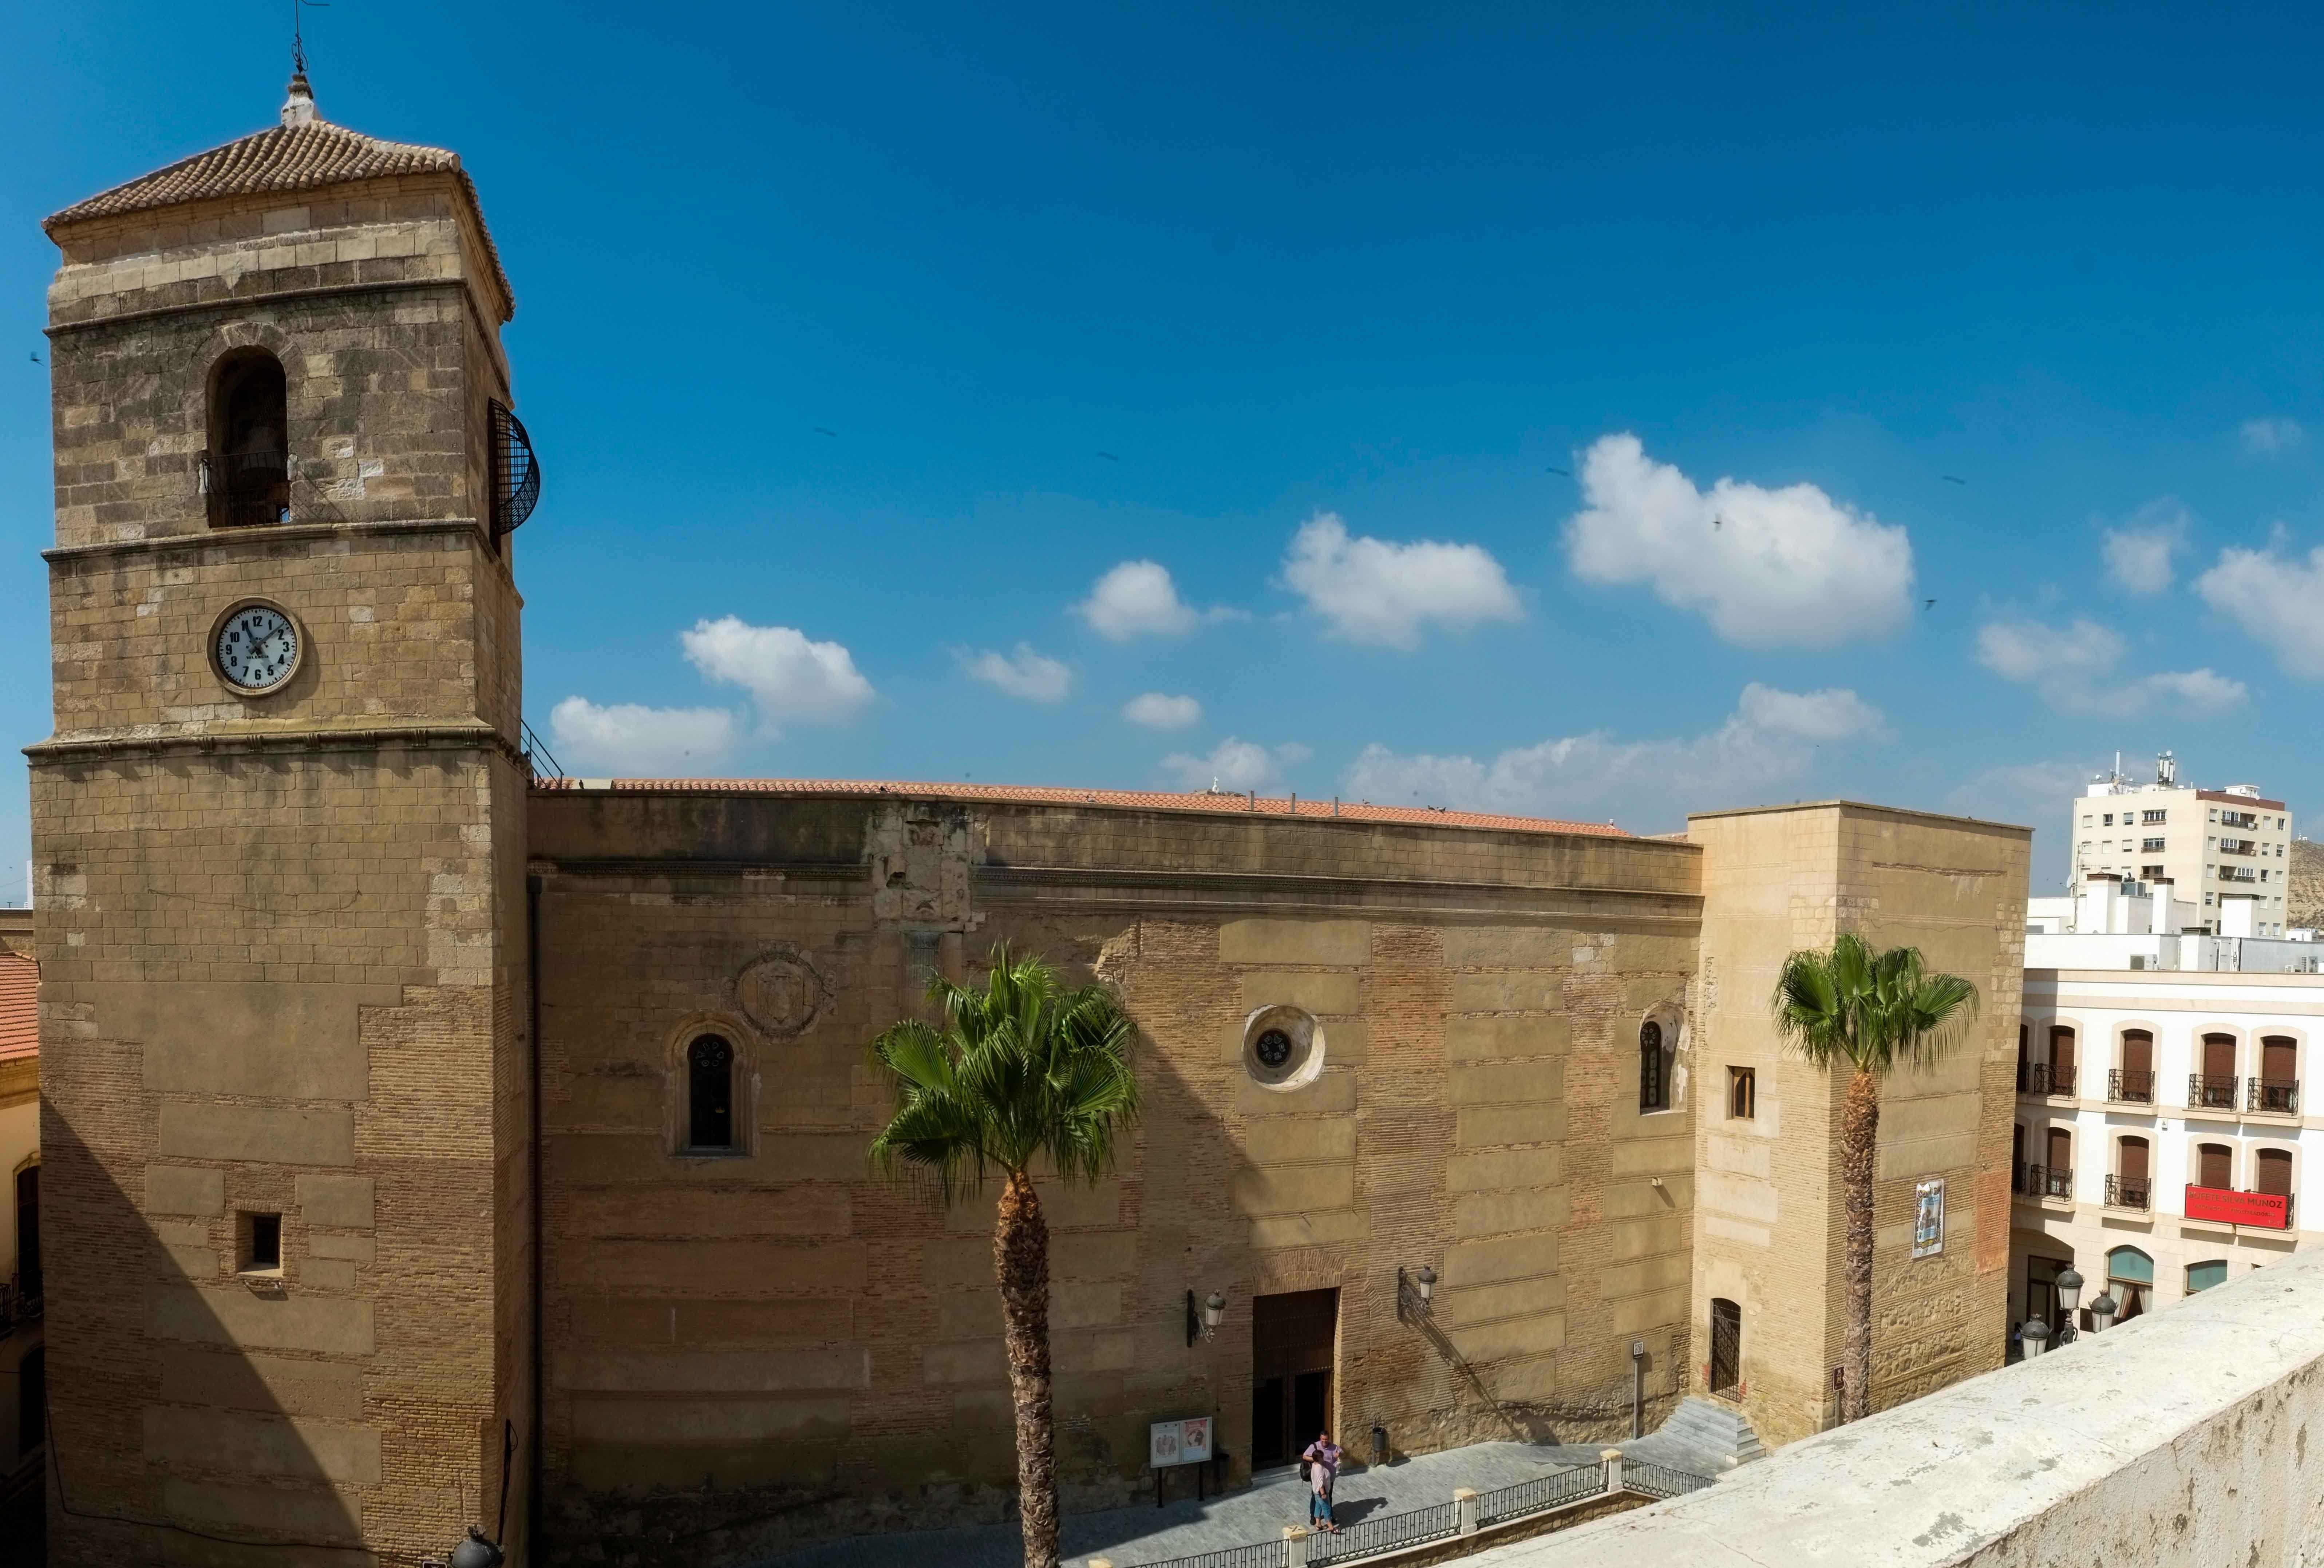 Volumen exterior de la iglesia © Fotografía: Paco Bonilla